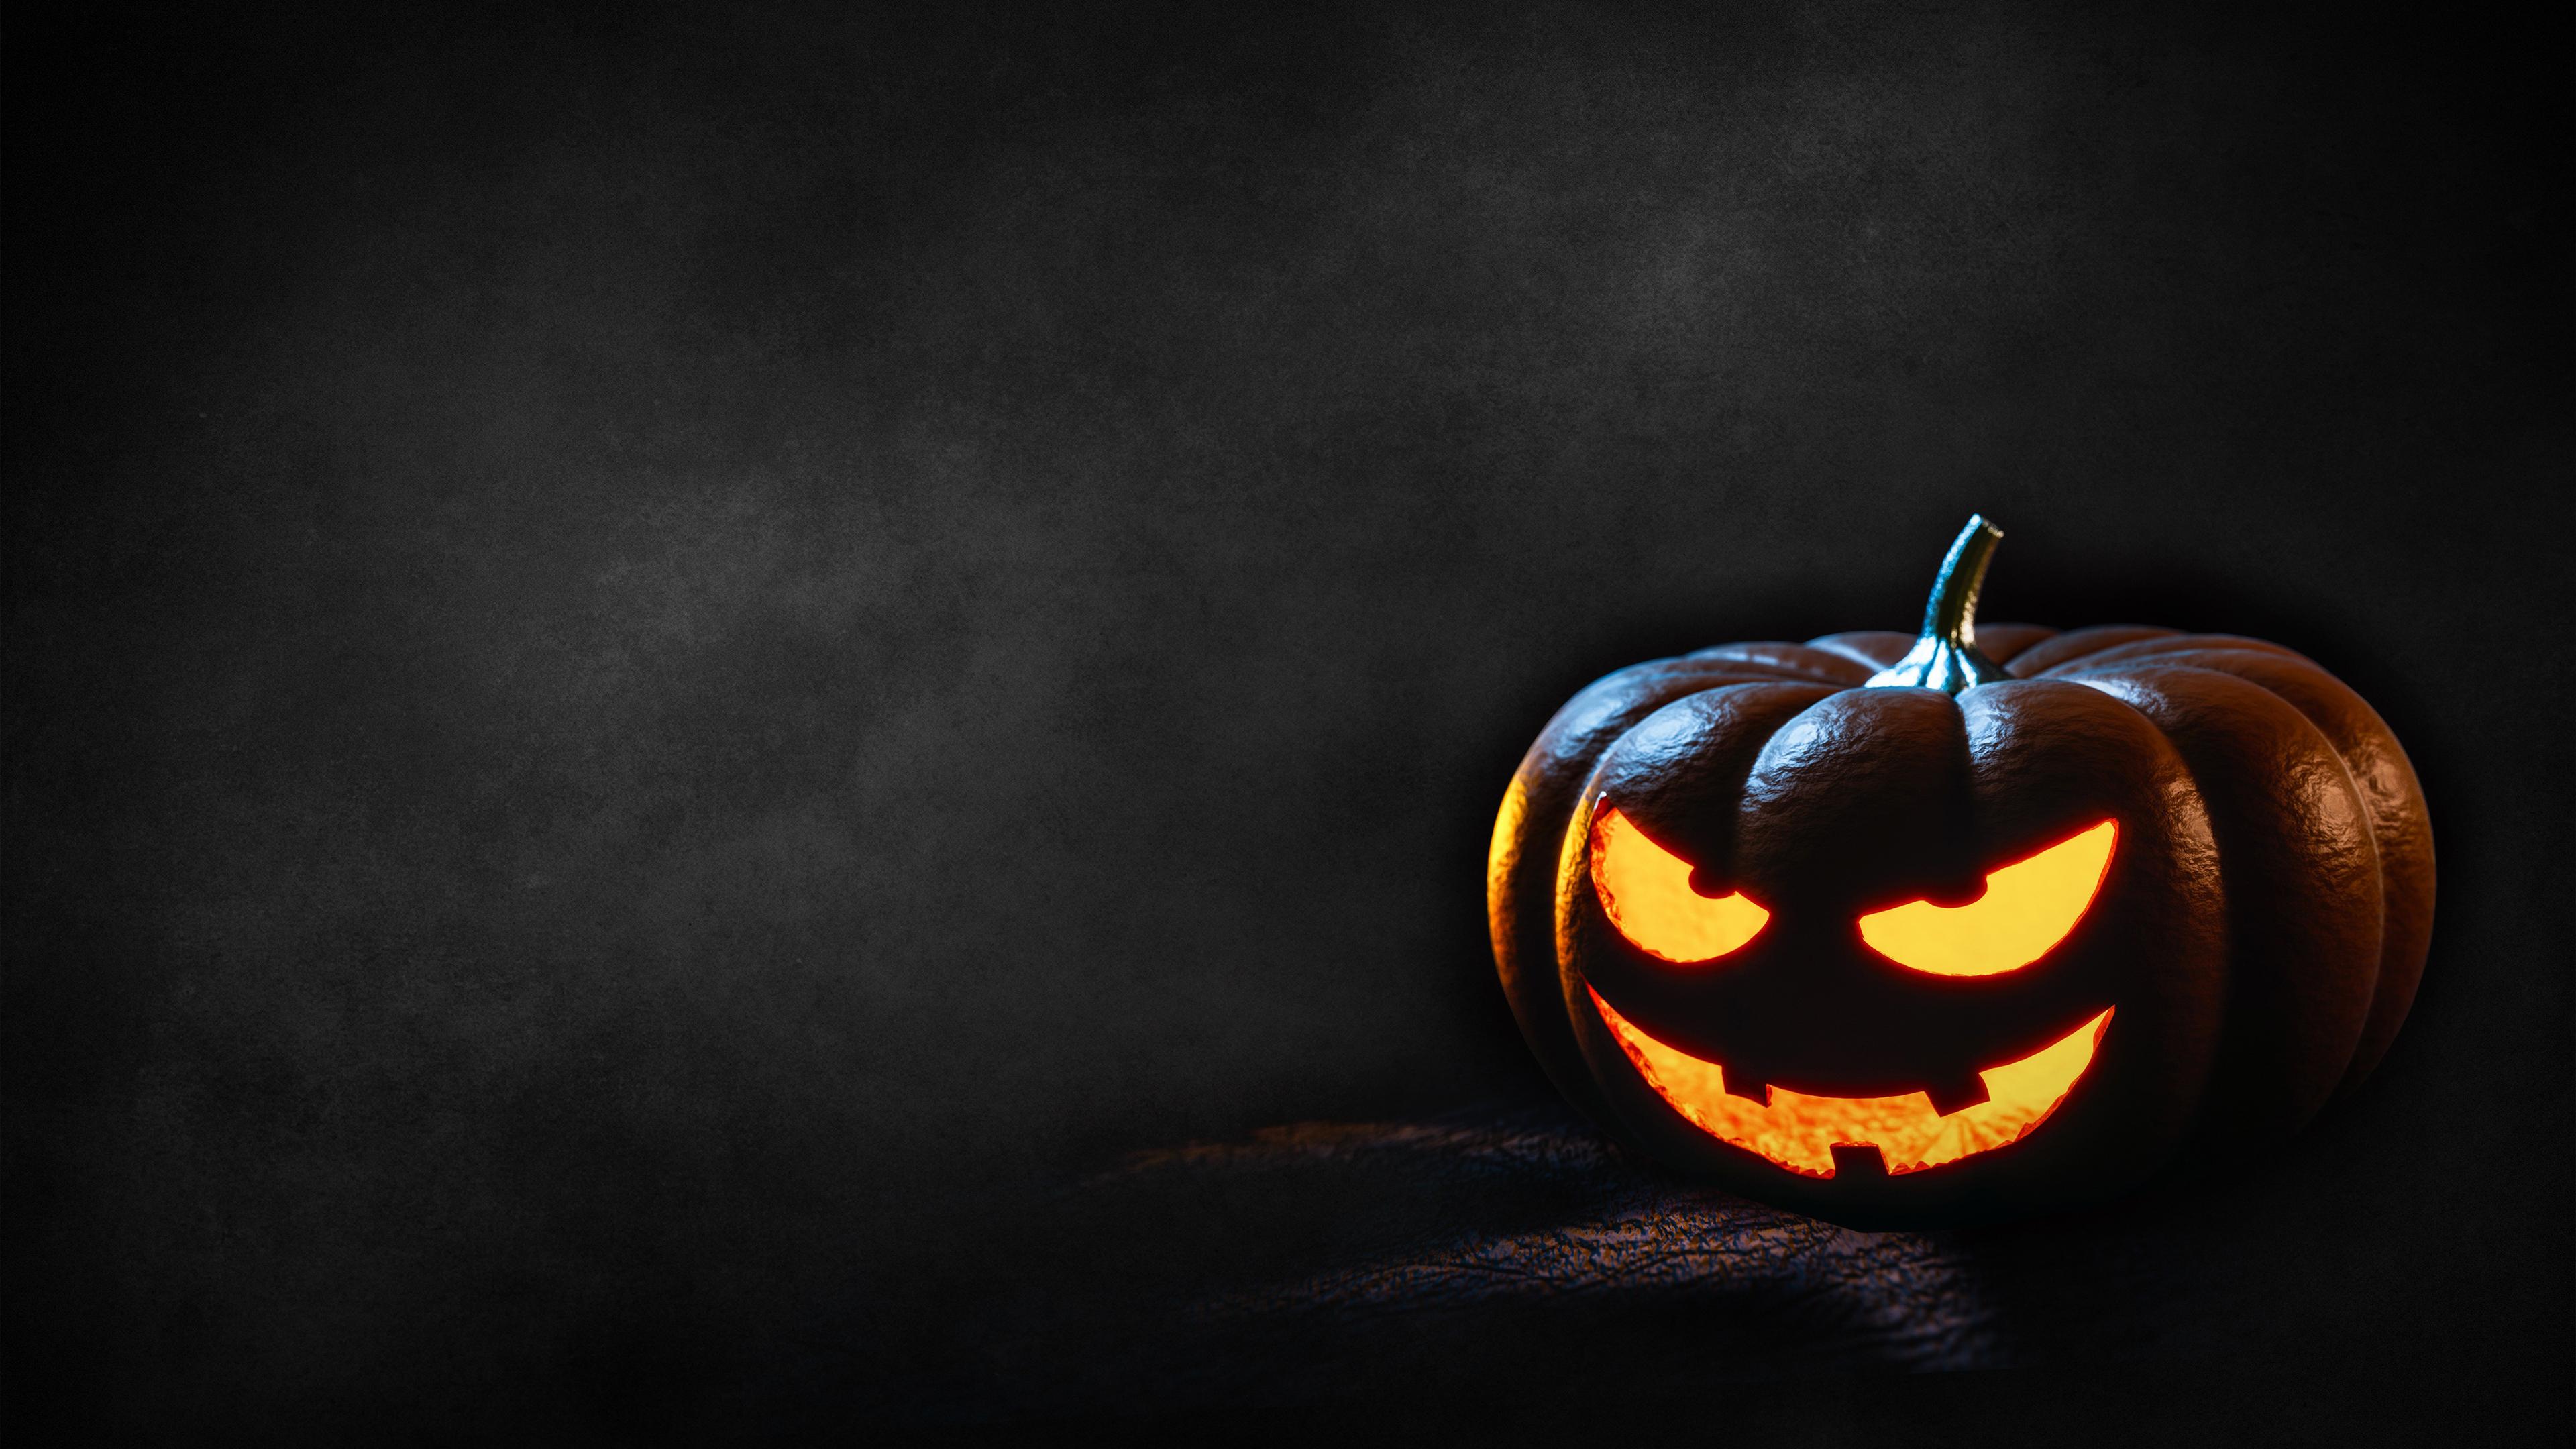 Halloween Dark Background PS4 Wallpapers